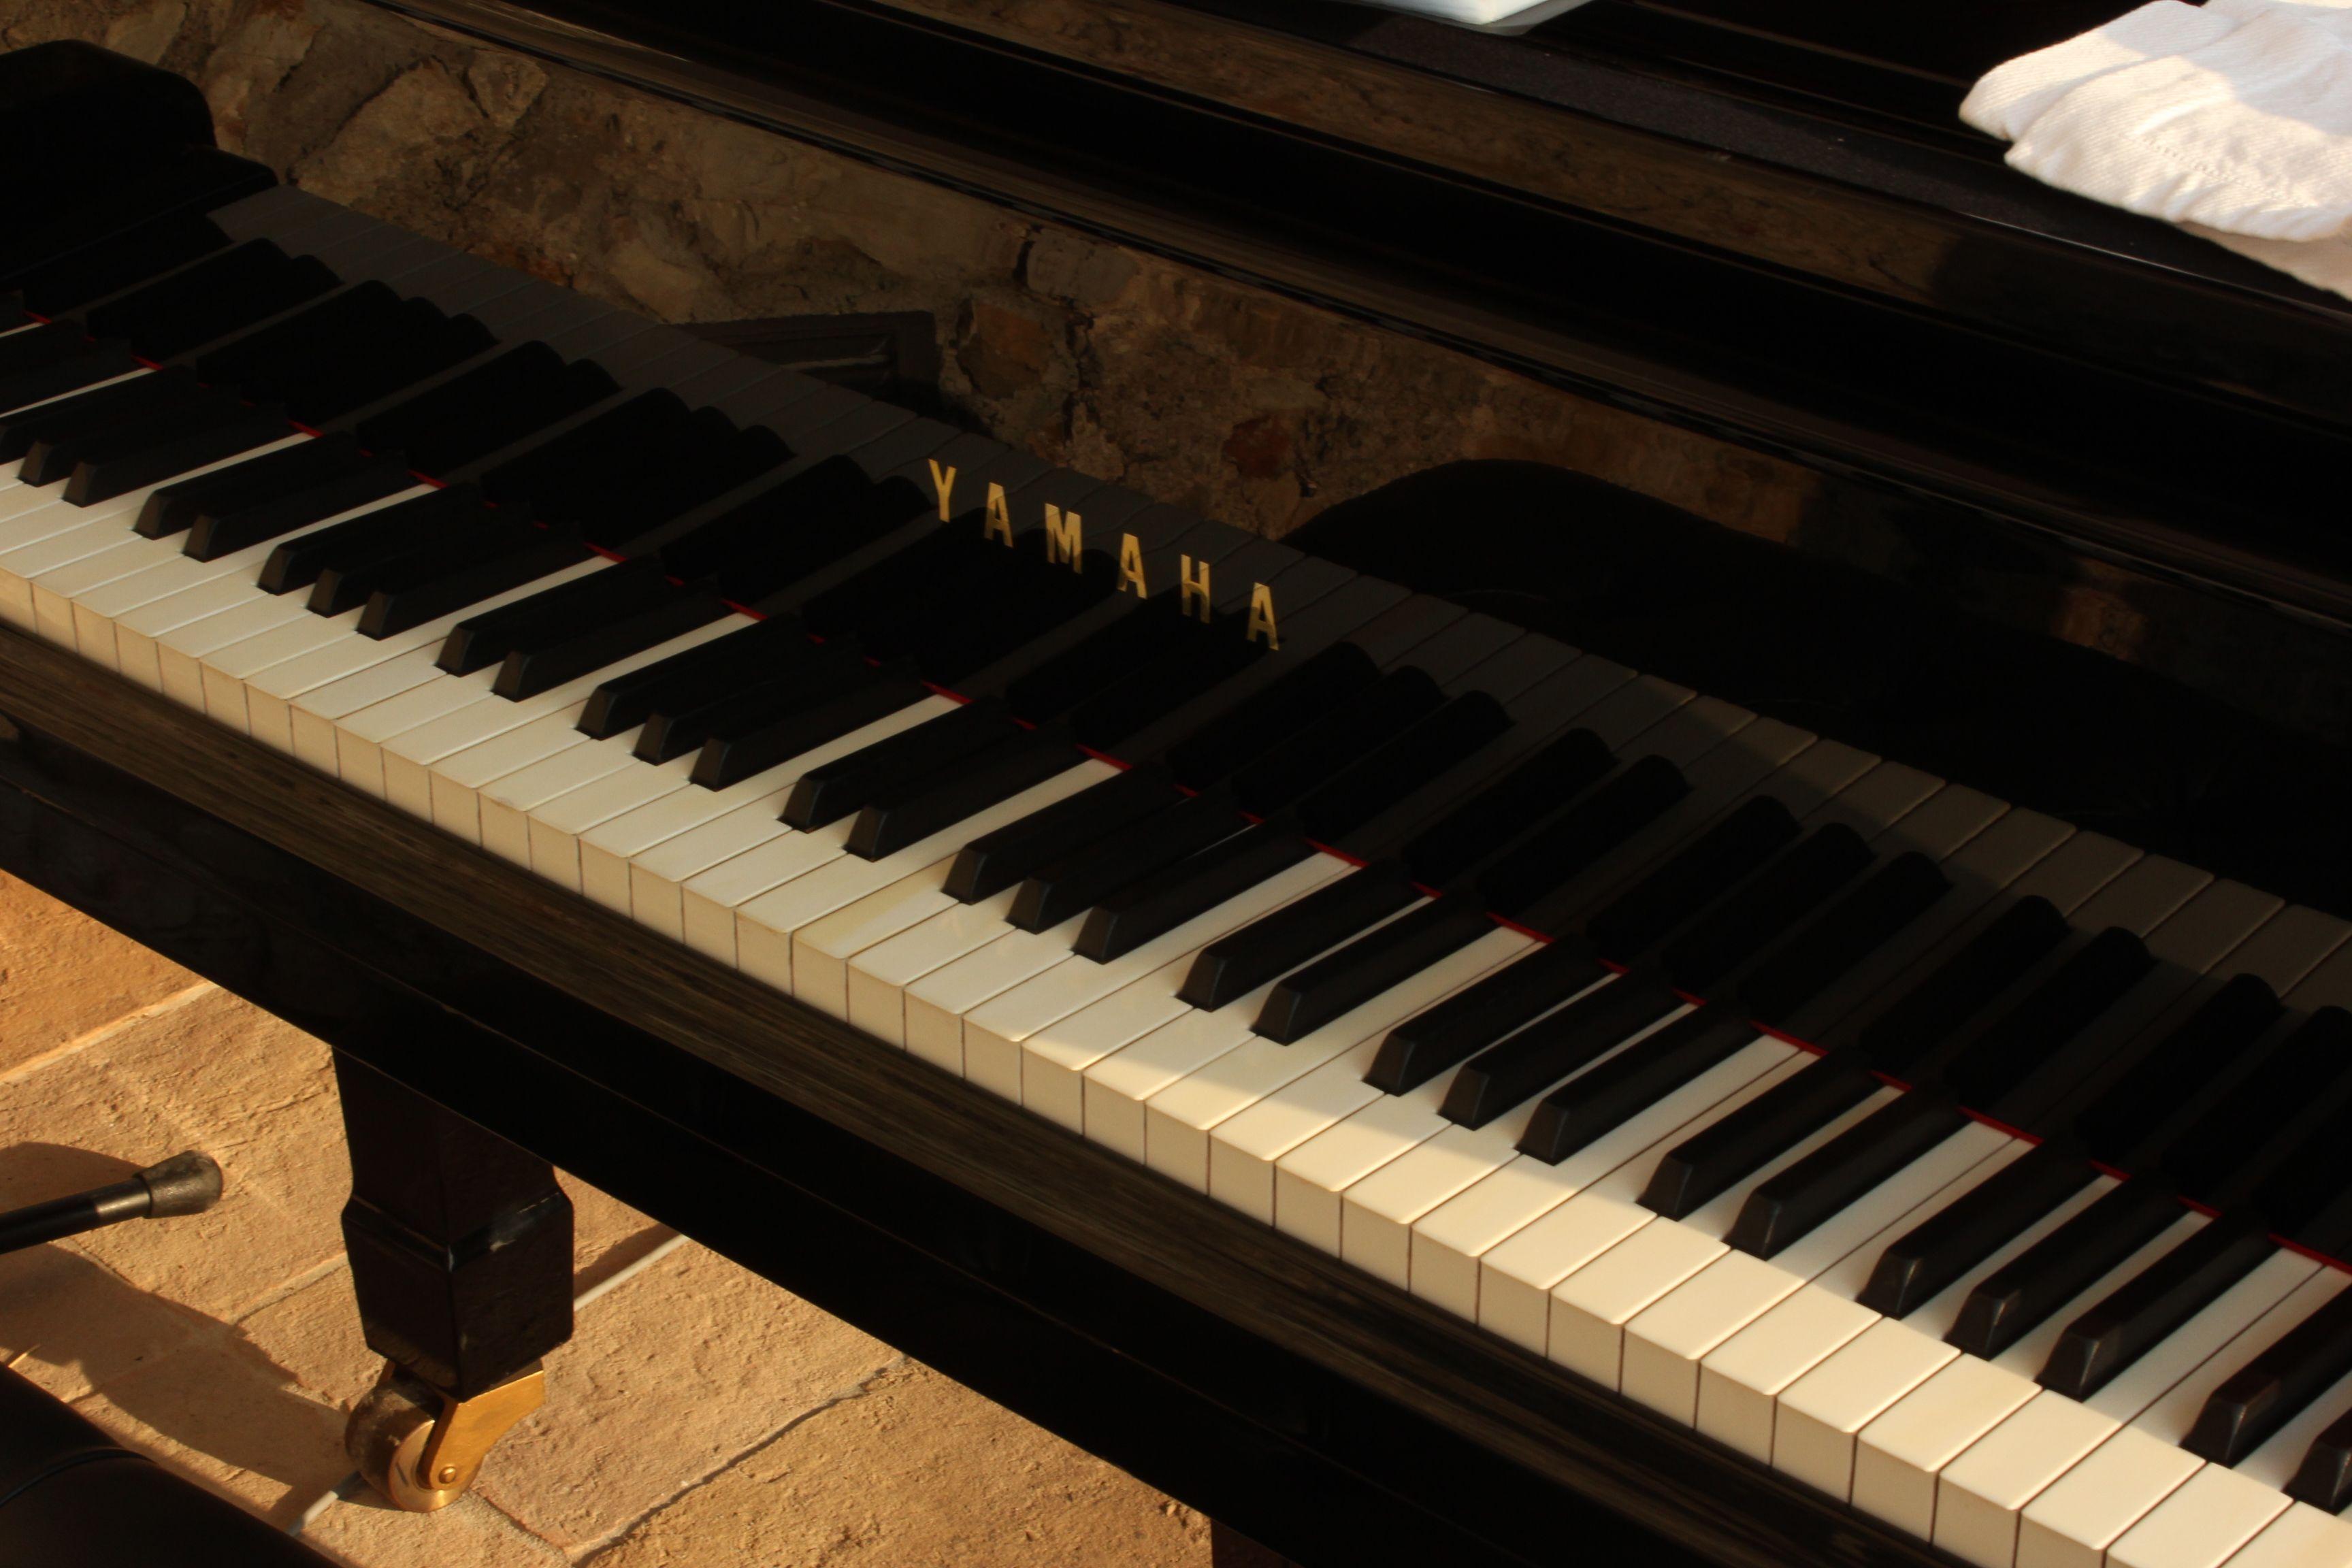 """""""Ora tu pensa: un pianoforte. I tasti iniziano. I tasti finiscono. Tu sai che sono 88, su questo nessuno può fregarti. Non sono infiniti, loro. Tu, sei infinito, e dentro quei tasti, infinita è la musica che puoi fare. Loro sono 88. Tu sei infinito""""  (Alessandro Baricco)"""